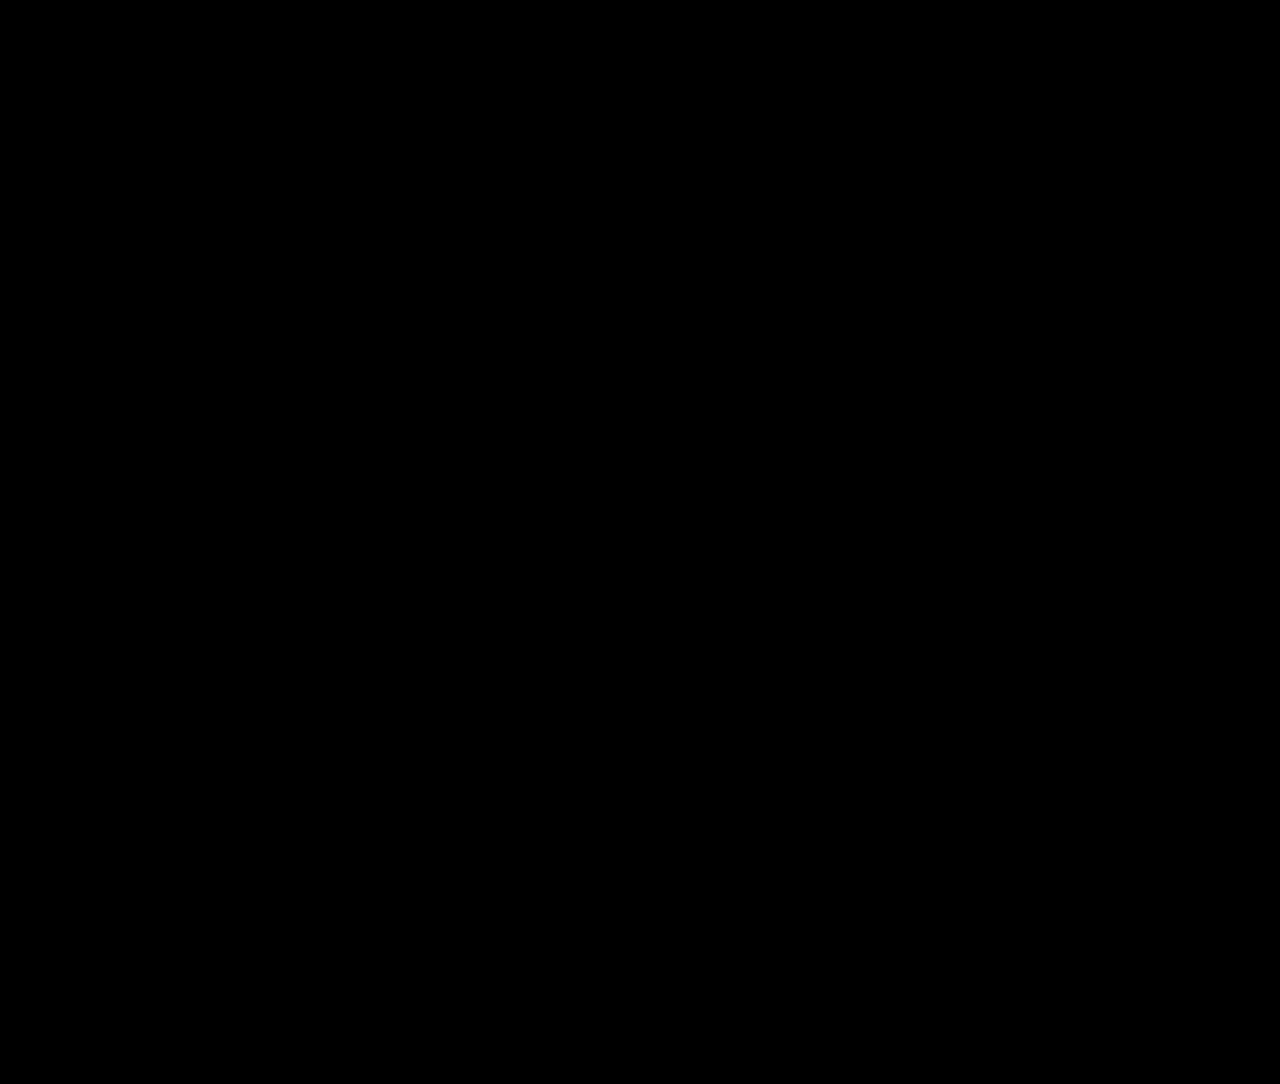 герб византии фото опять навстречу